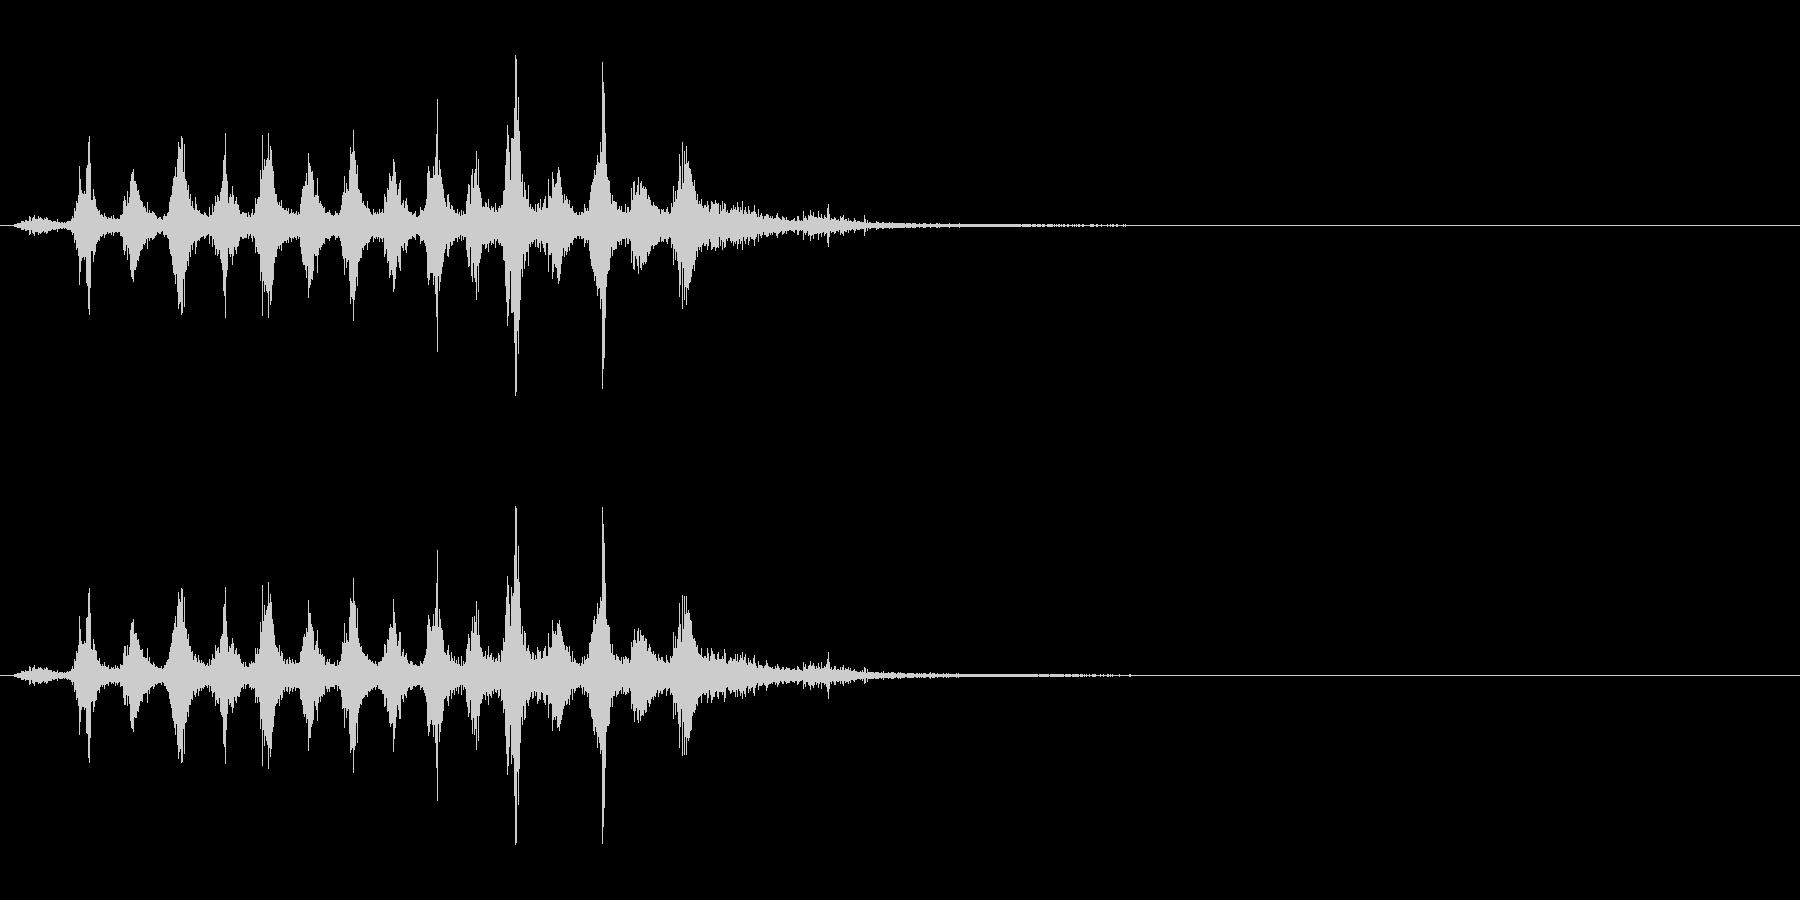 「シャカシャカ」木製シェイカー振り音FXの未再生の波形